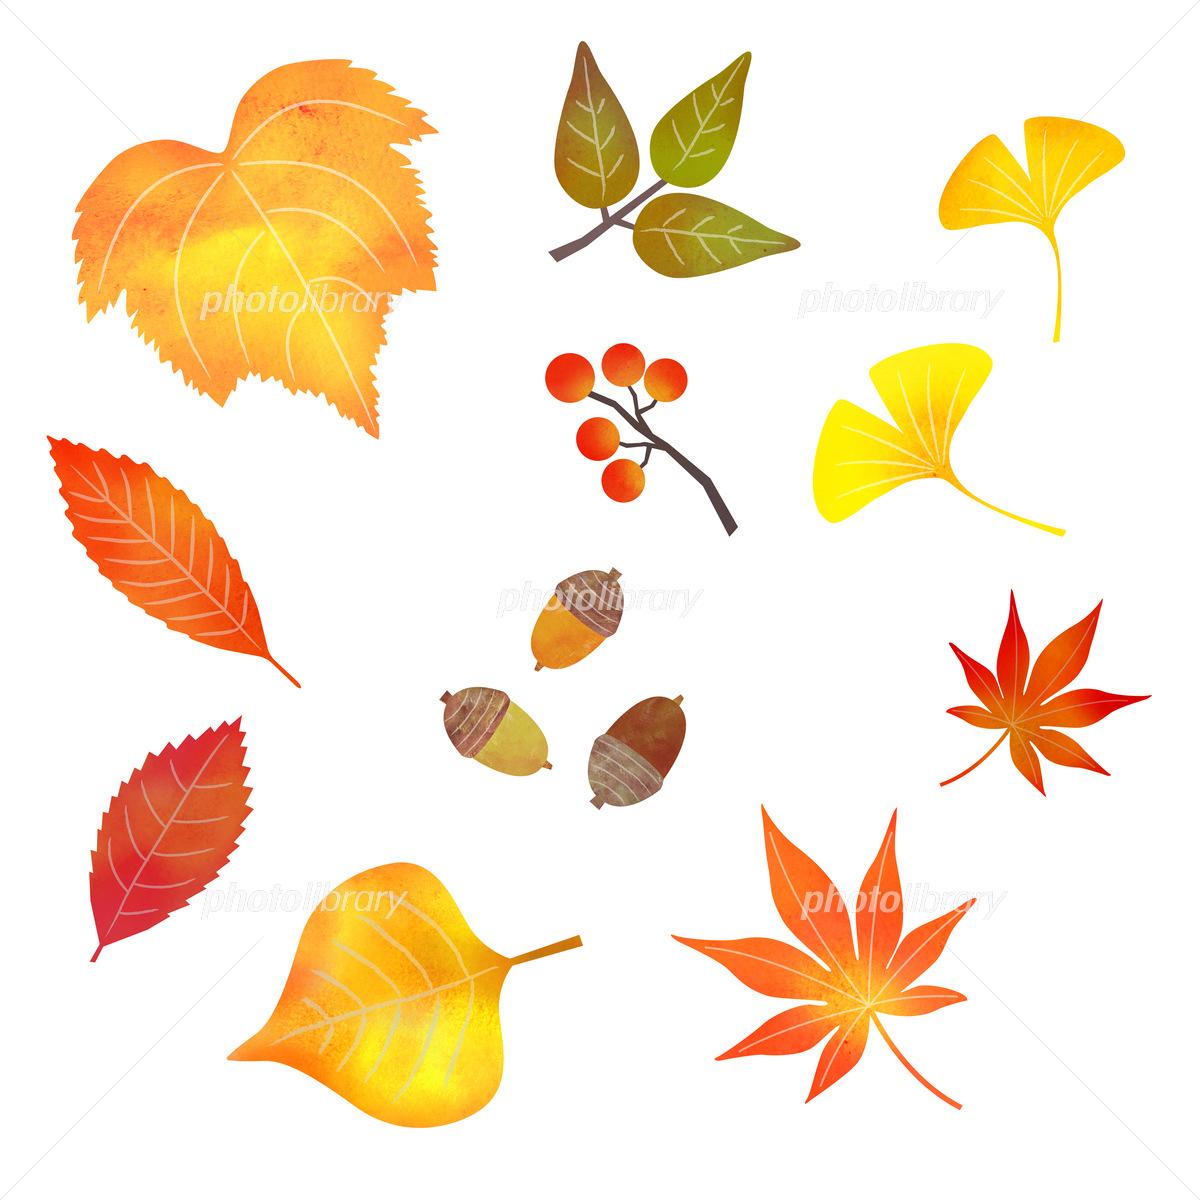 エコでナチュラルな自然イラスト素材 落ち葉のイラスト素材一覧